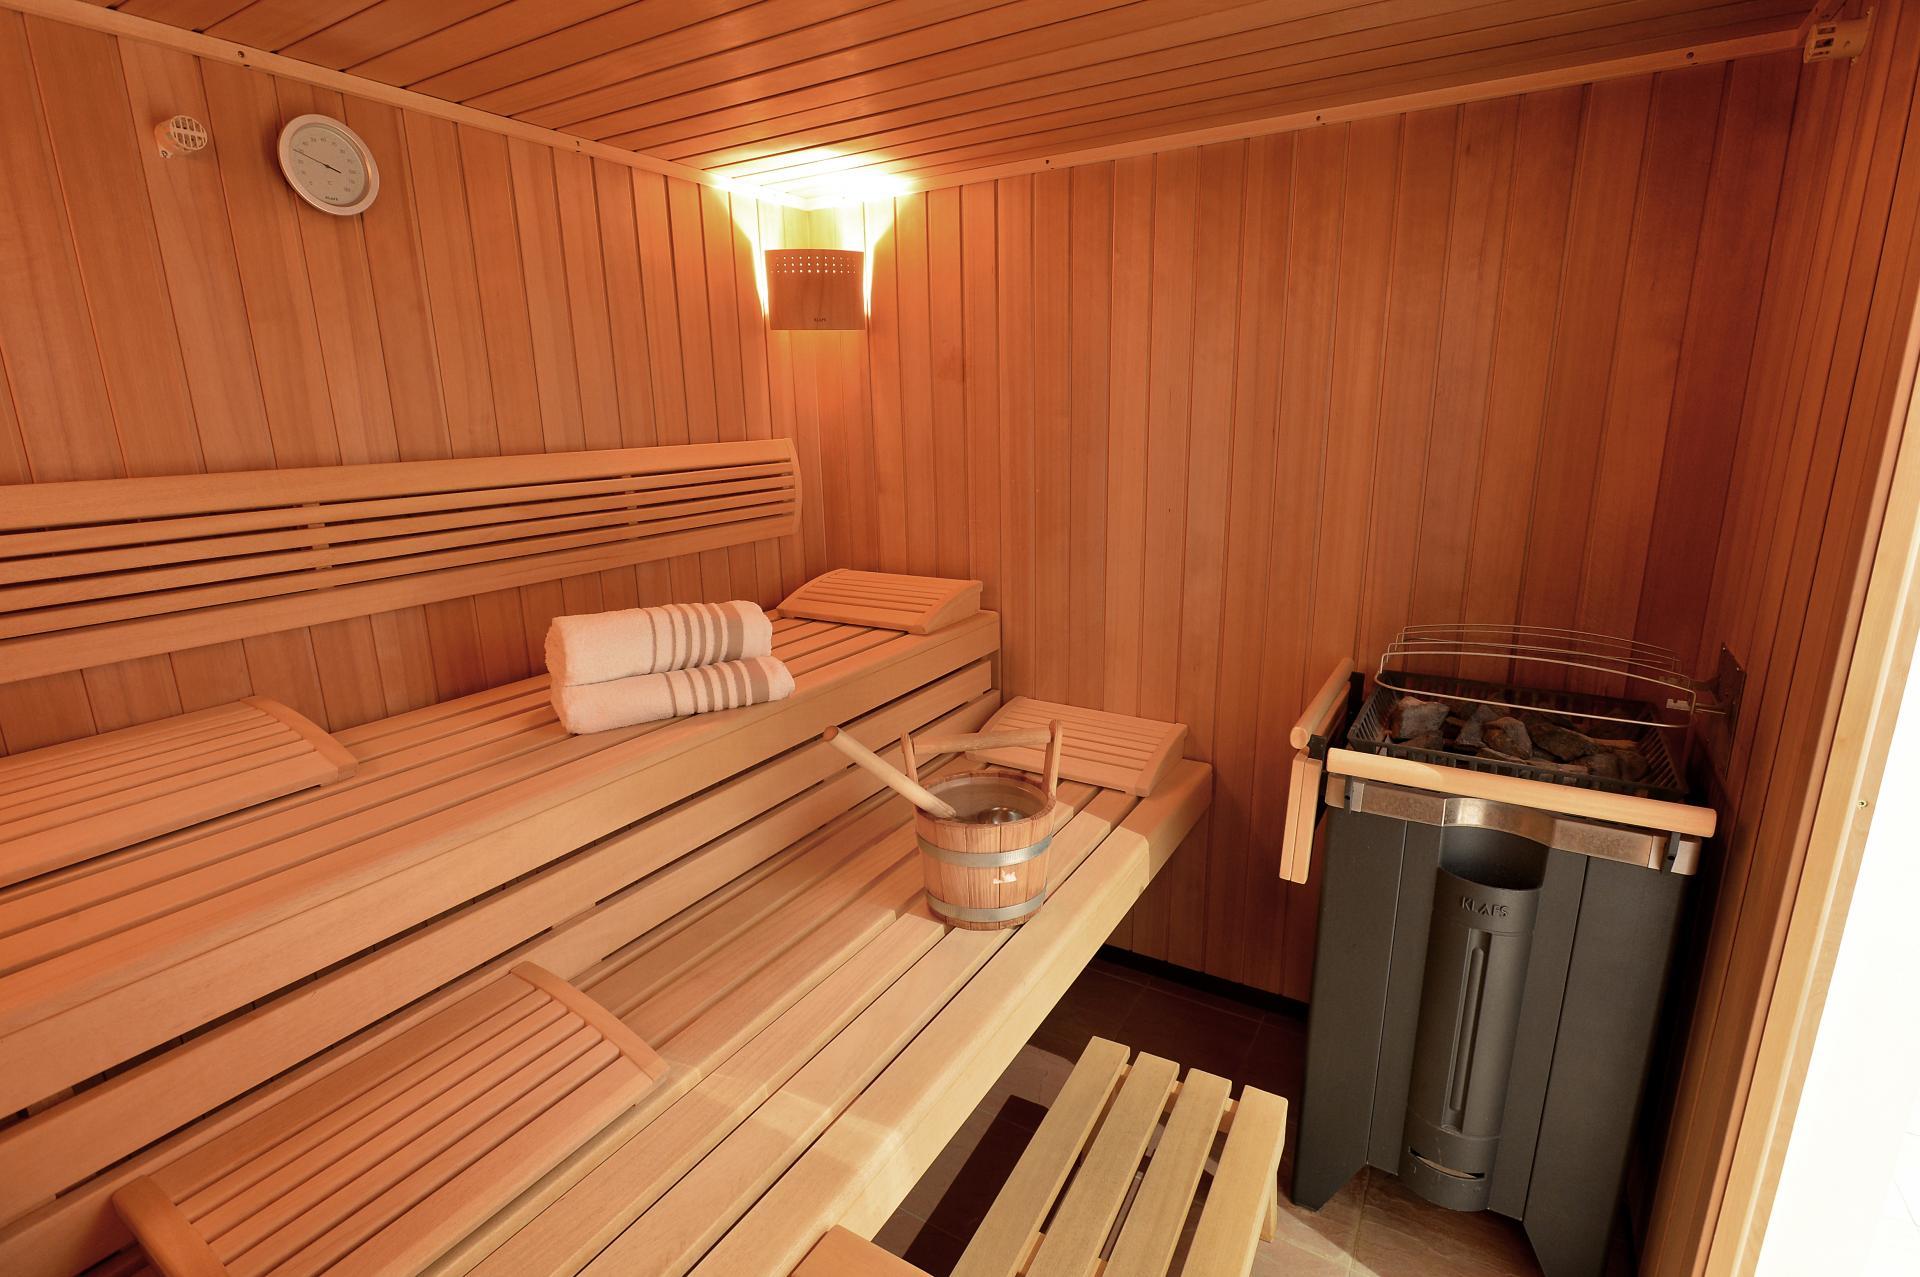 Tennenwirt Guesthouse #Willkommen#Hotel#Bildergalerie#Sauna